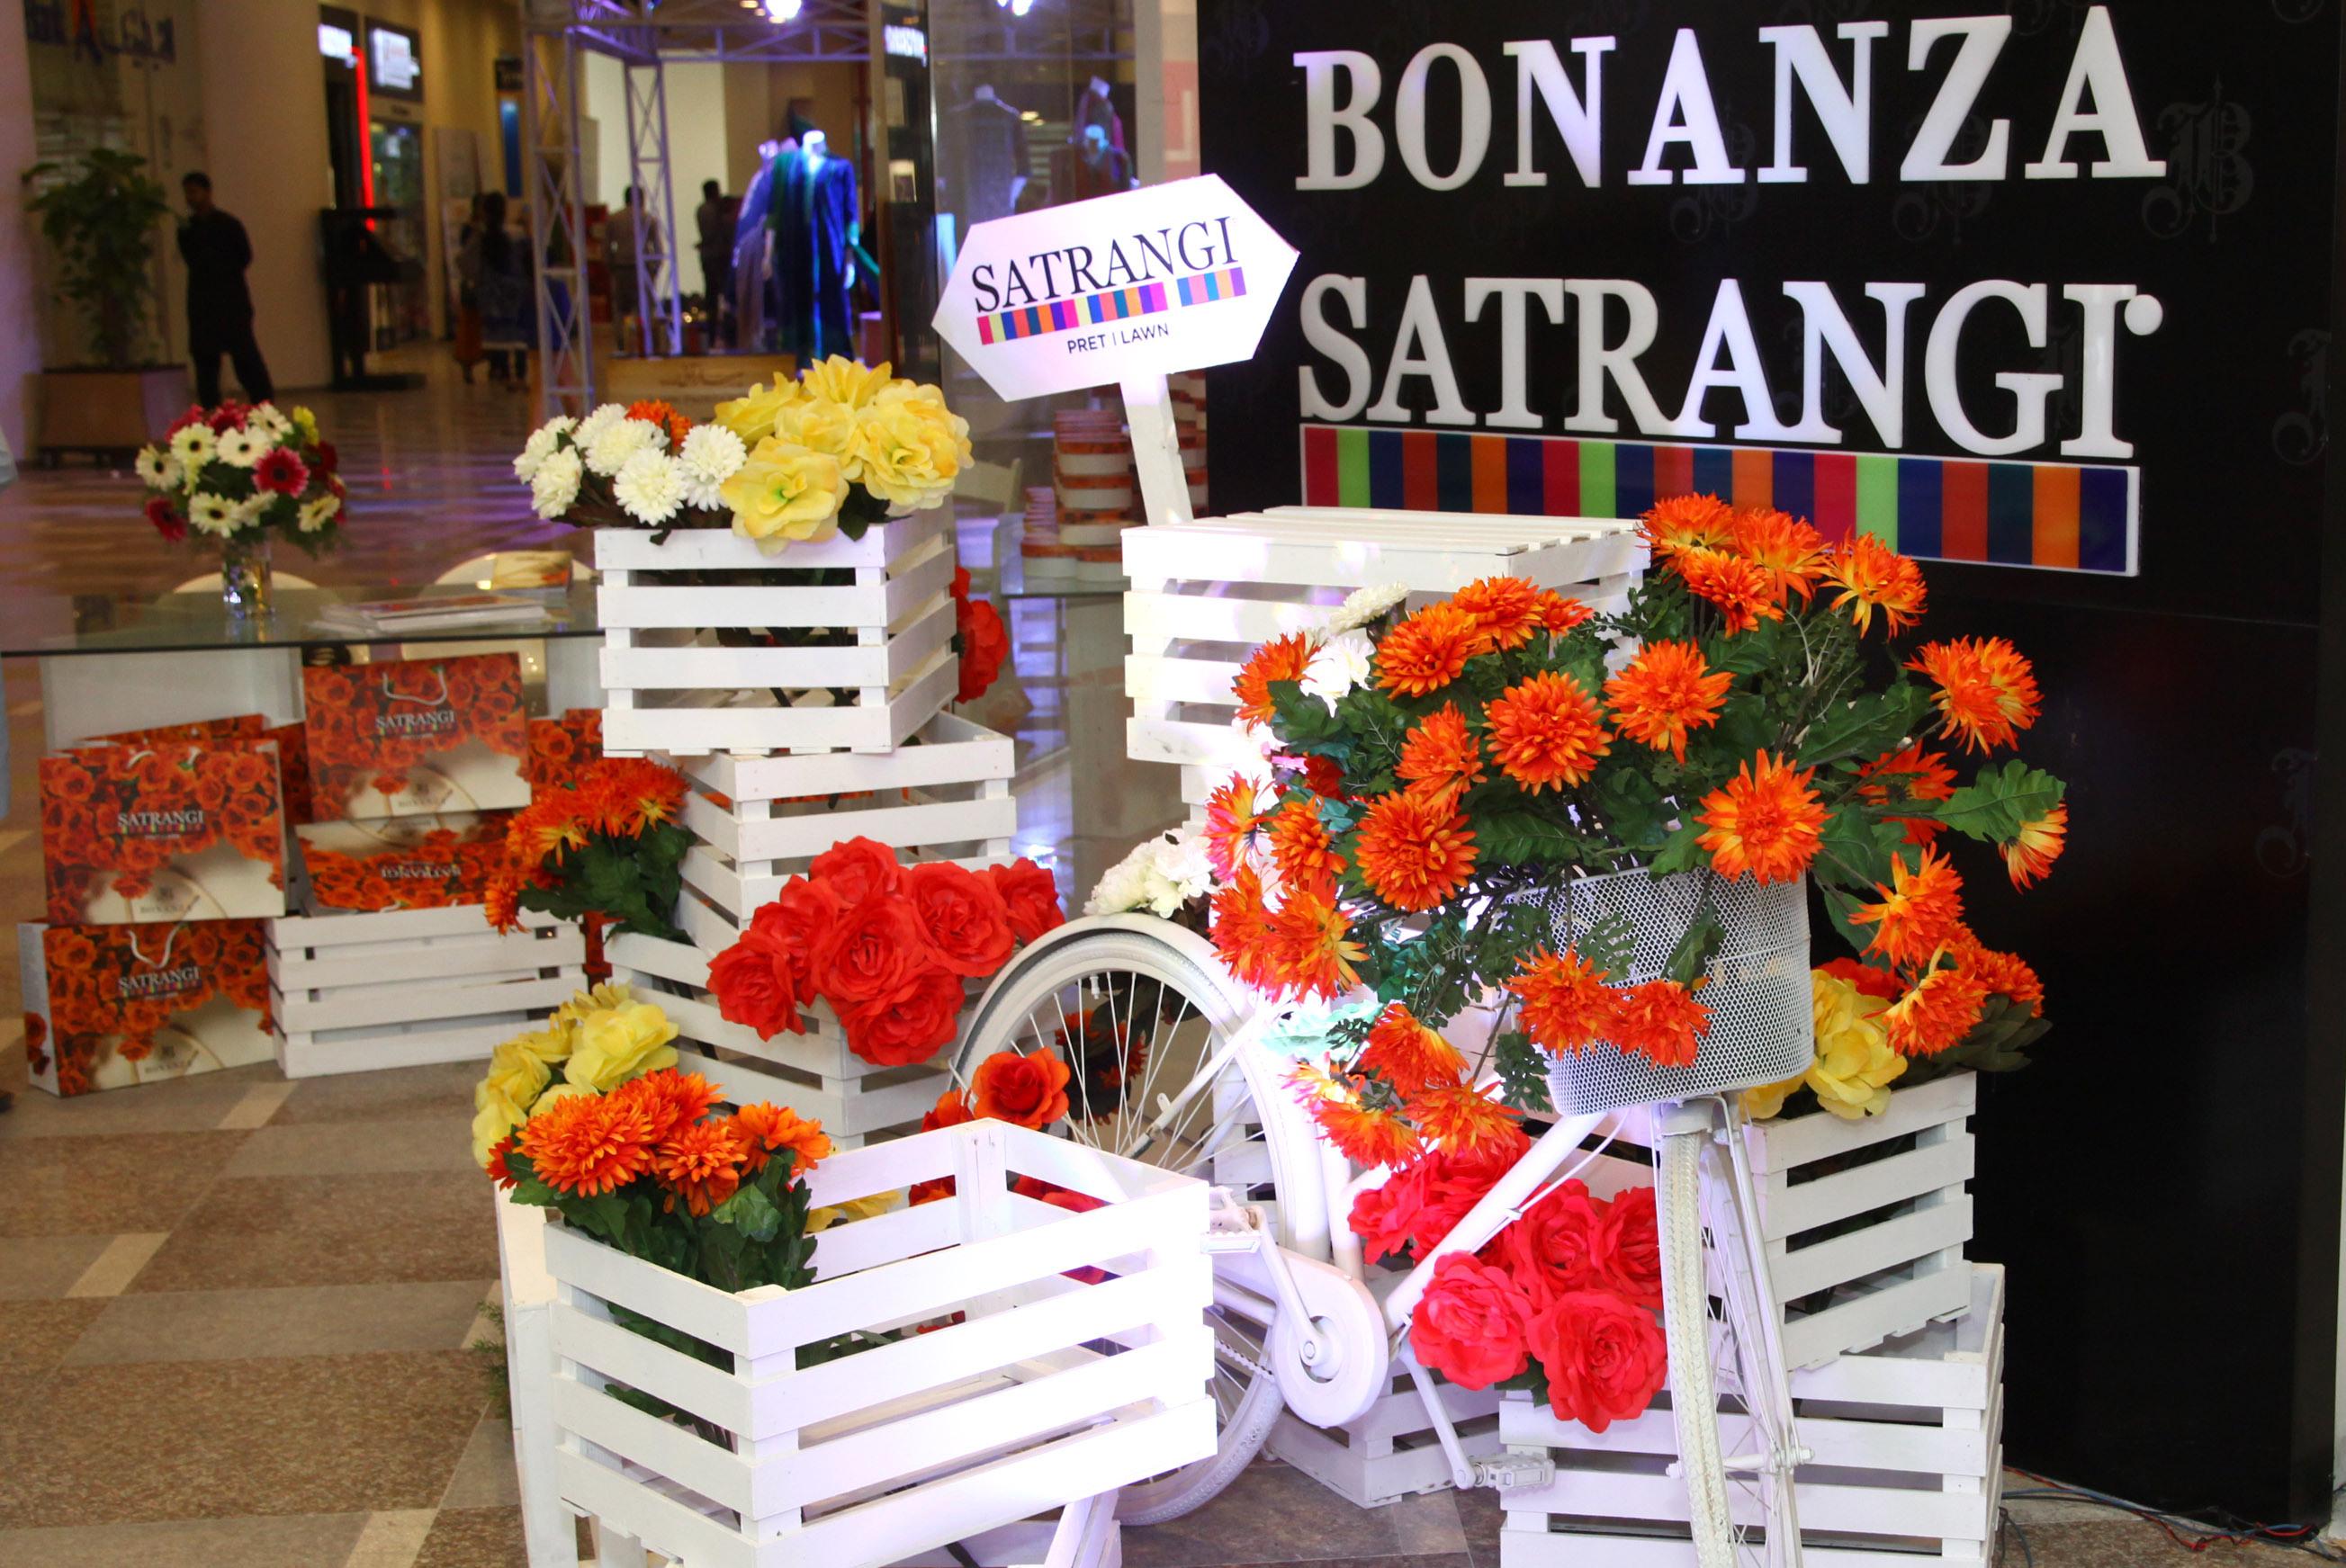 Summer 2014 Bonanza Satrangi